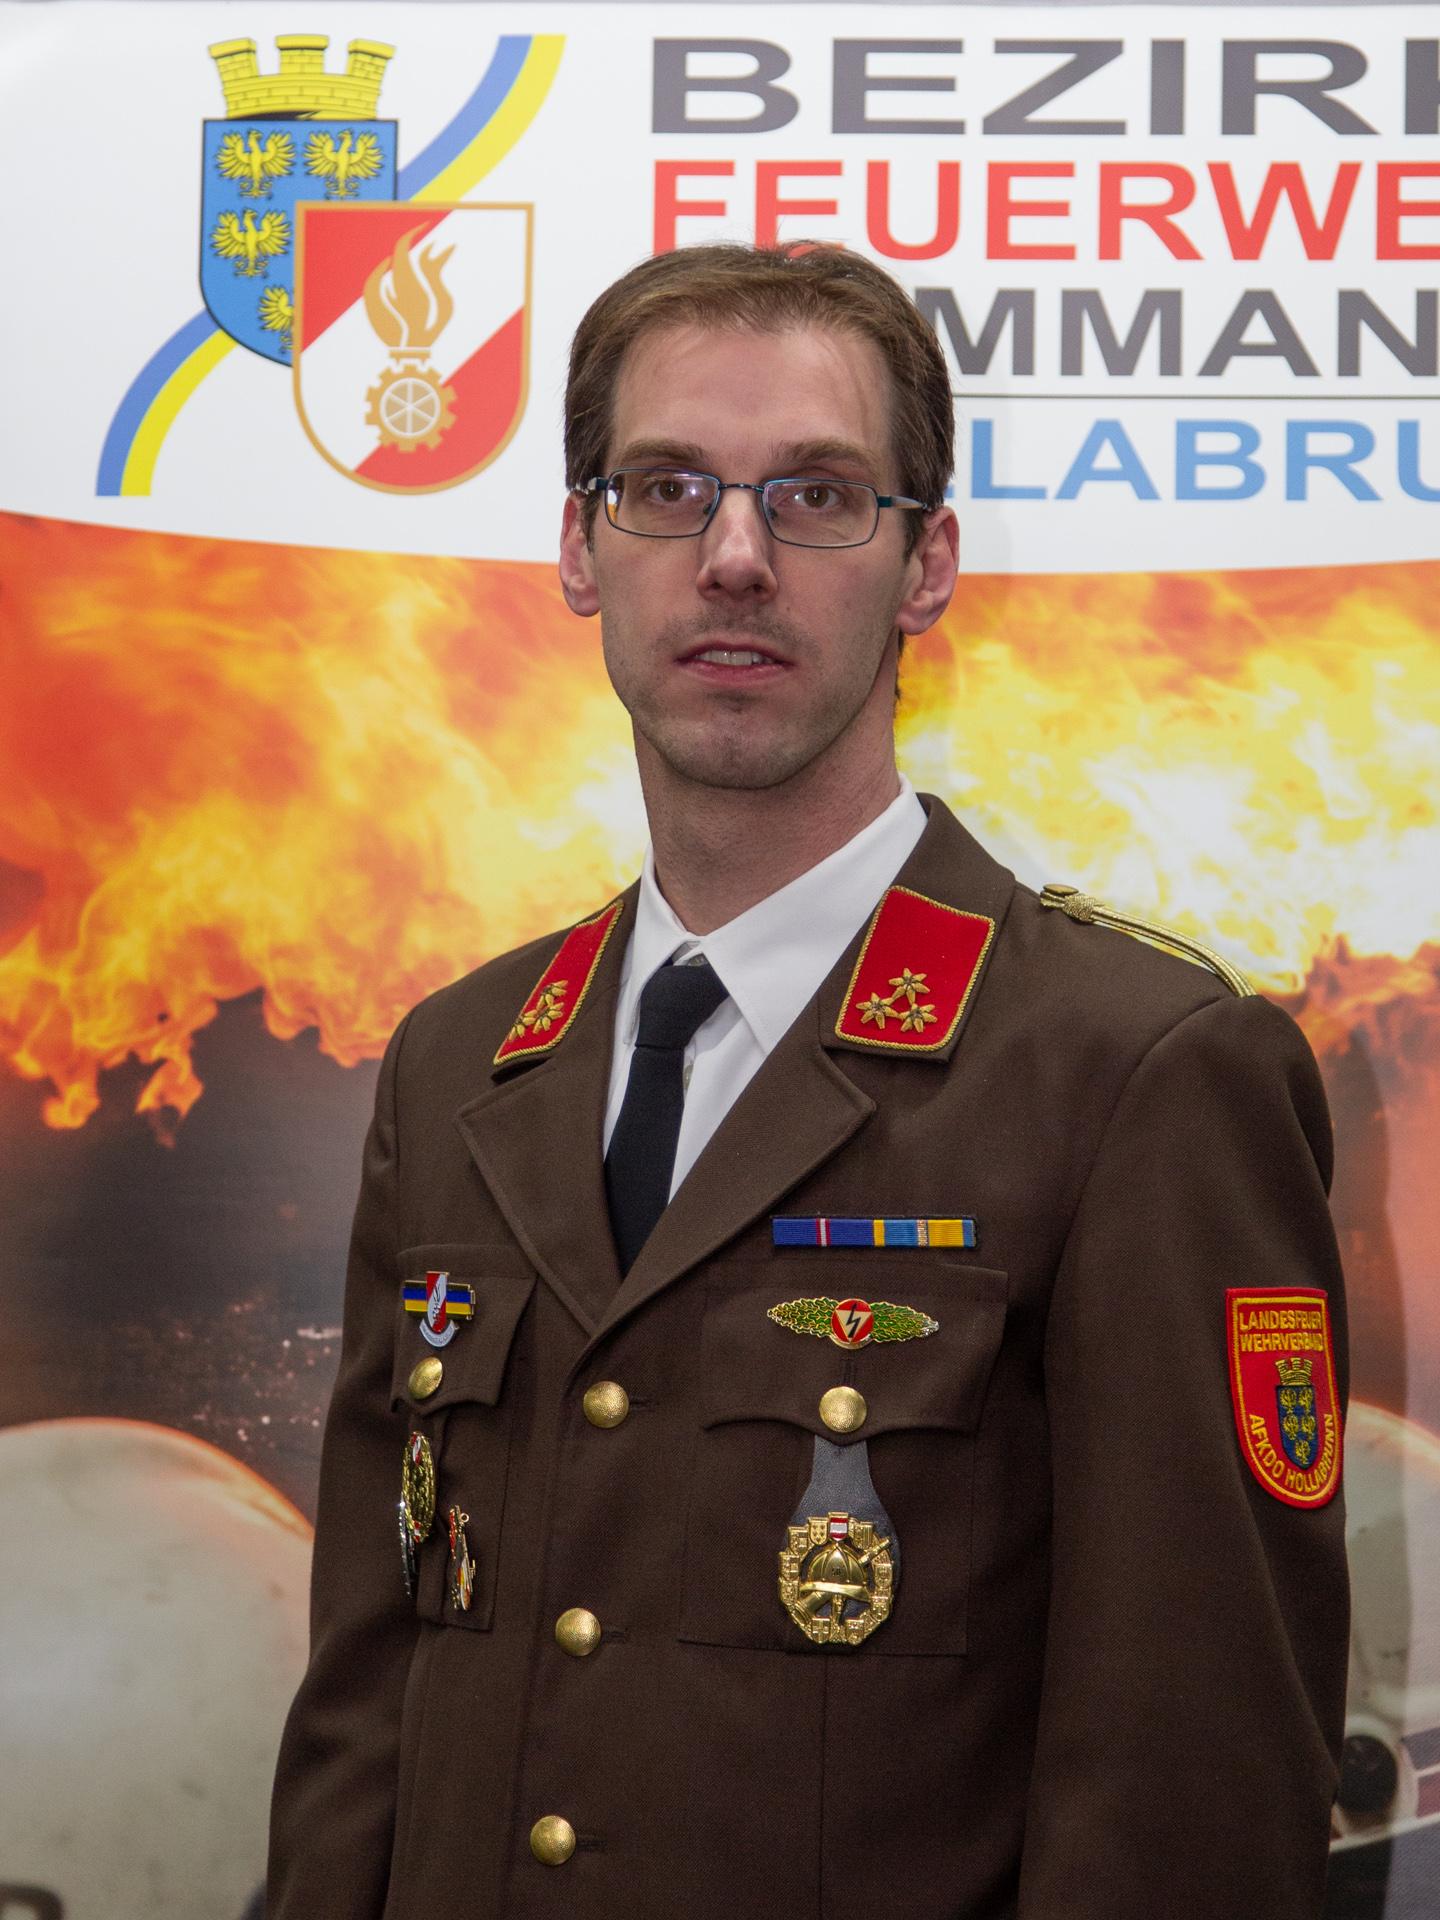 ThomasHoffmannjpg